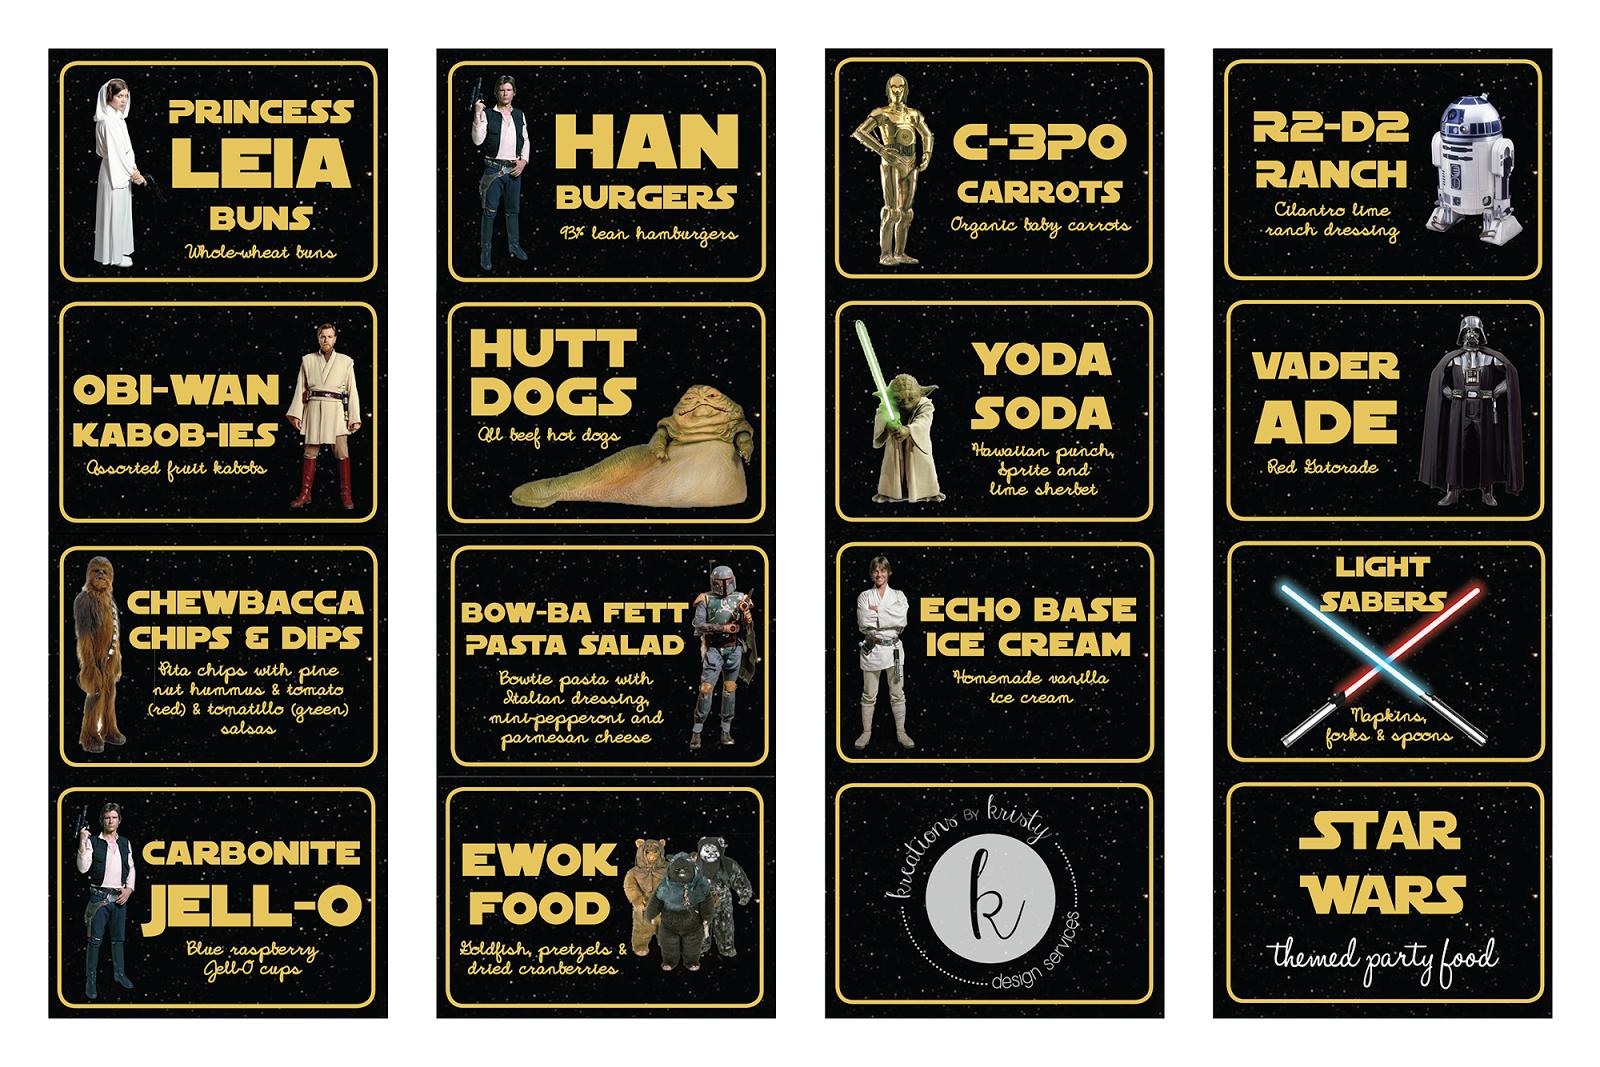 Star Wars Food Menu